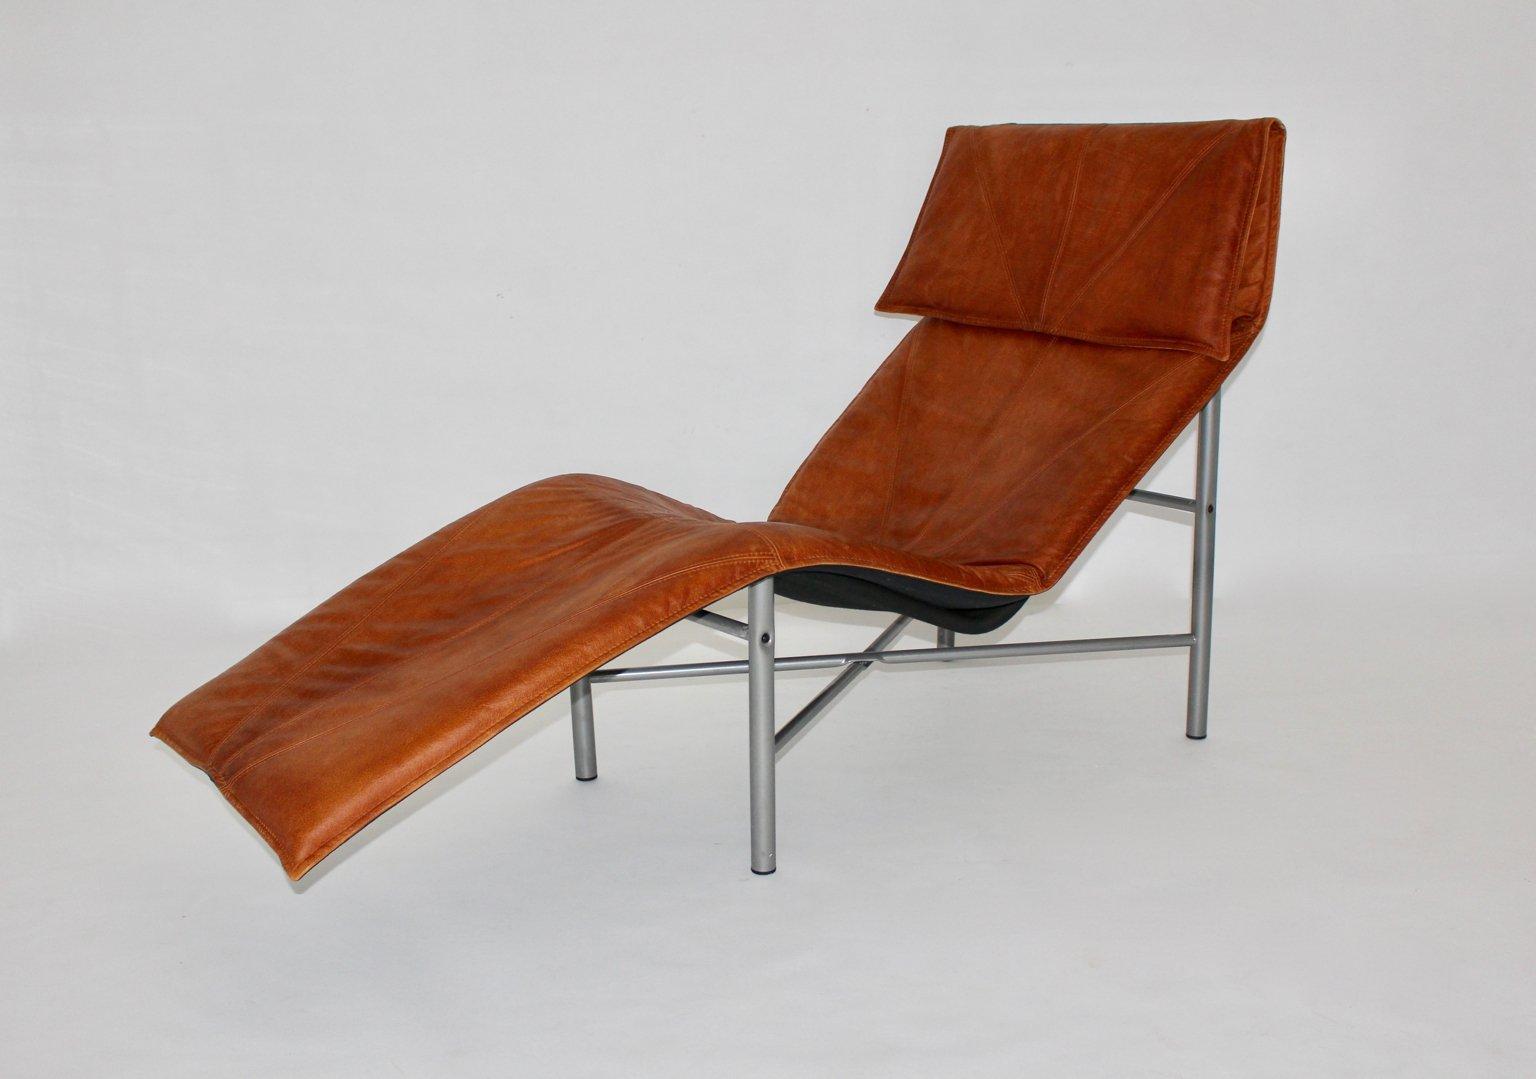 Chaise longue en cuir cognac par tord bjorklund su de 1970s en vente sur pamono - Chaise longue en anglais ...